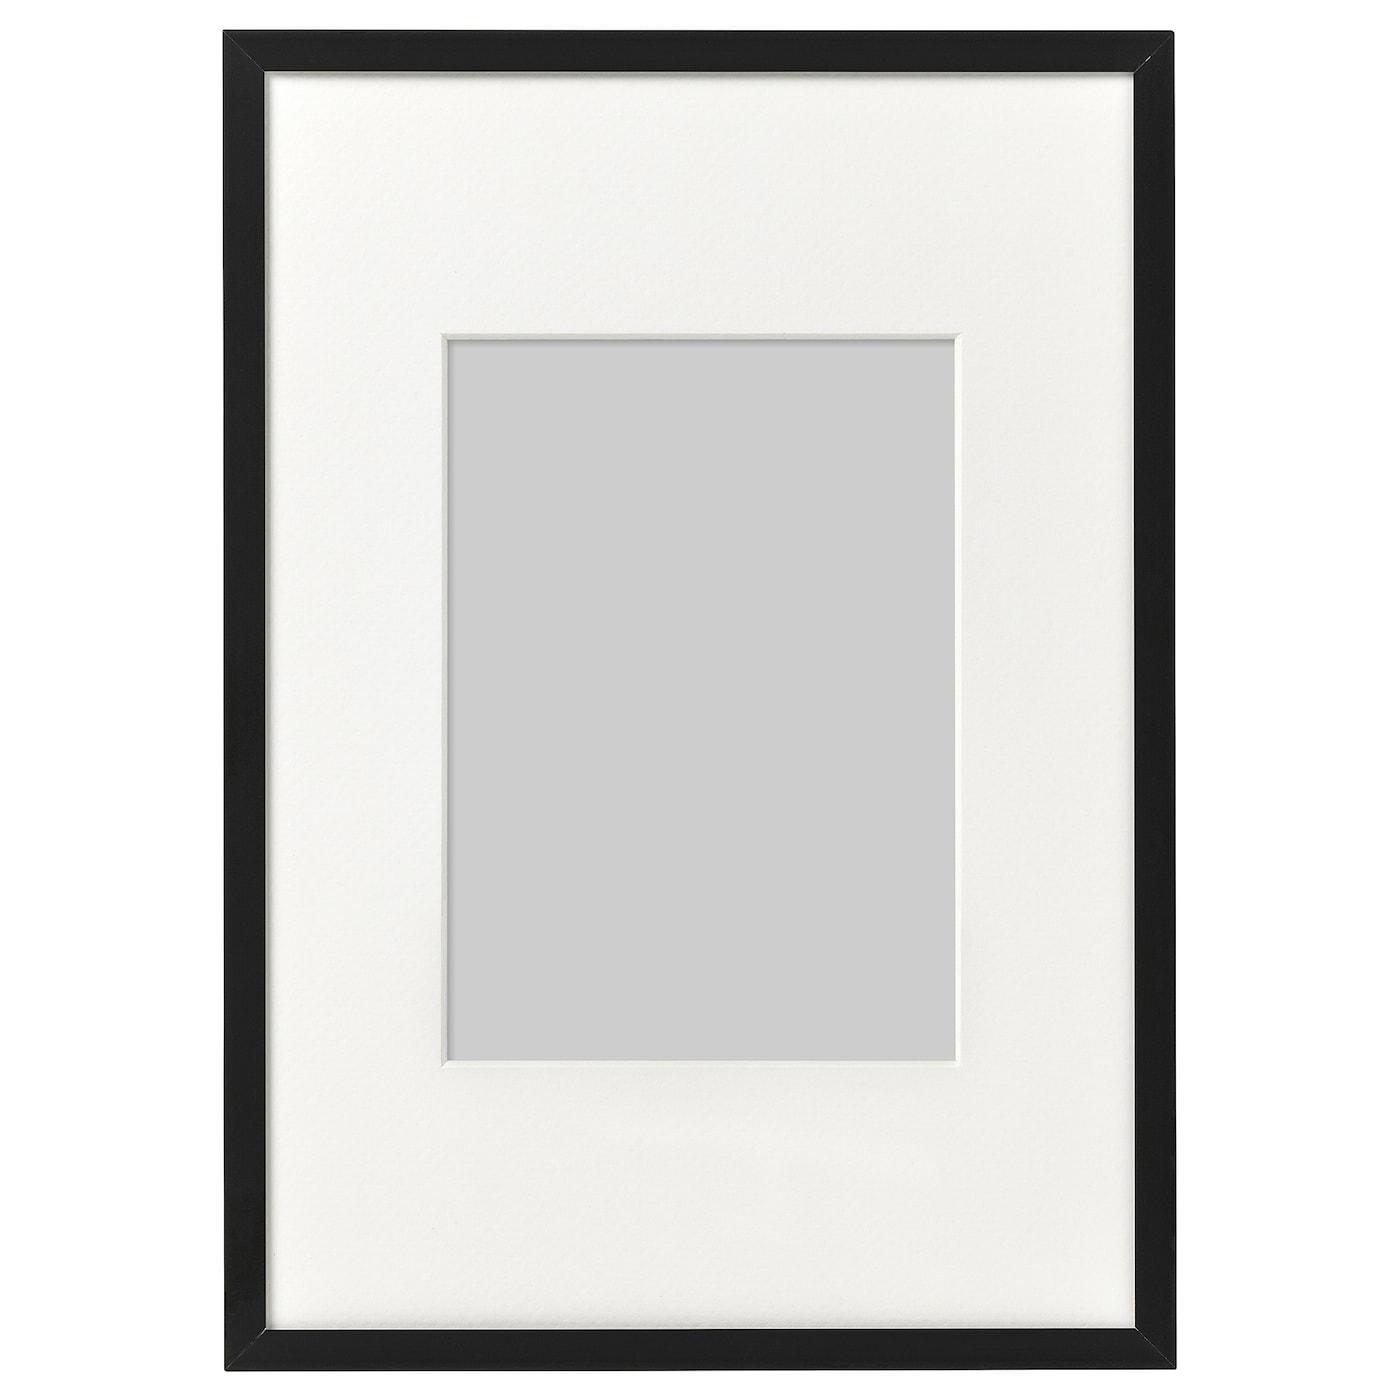 LOMVIKEN Marco Negro 21 x 30 cm - IKEA